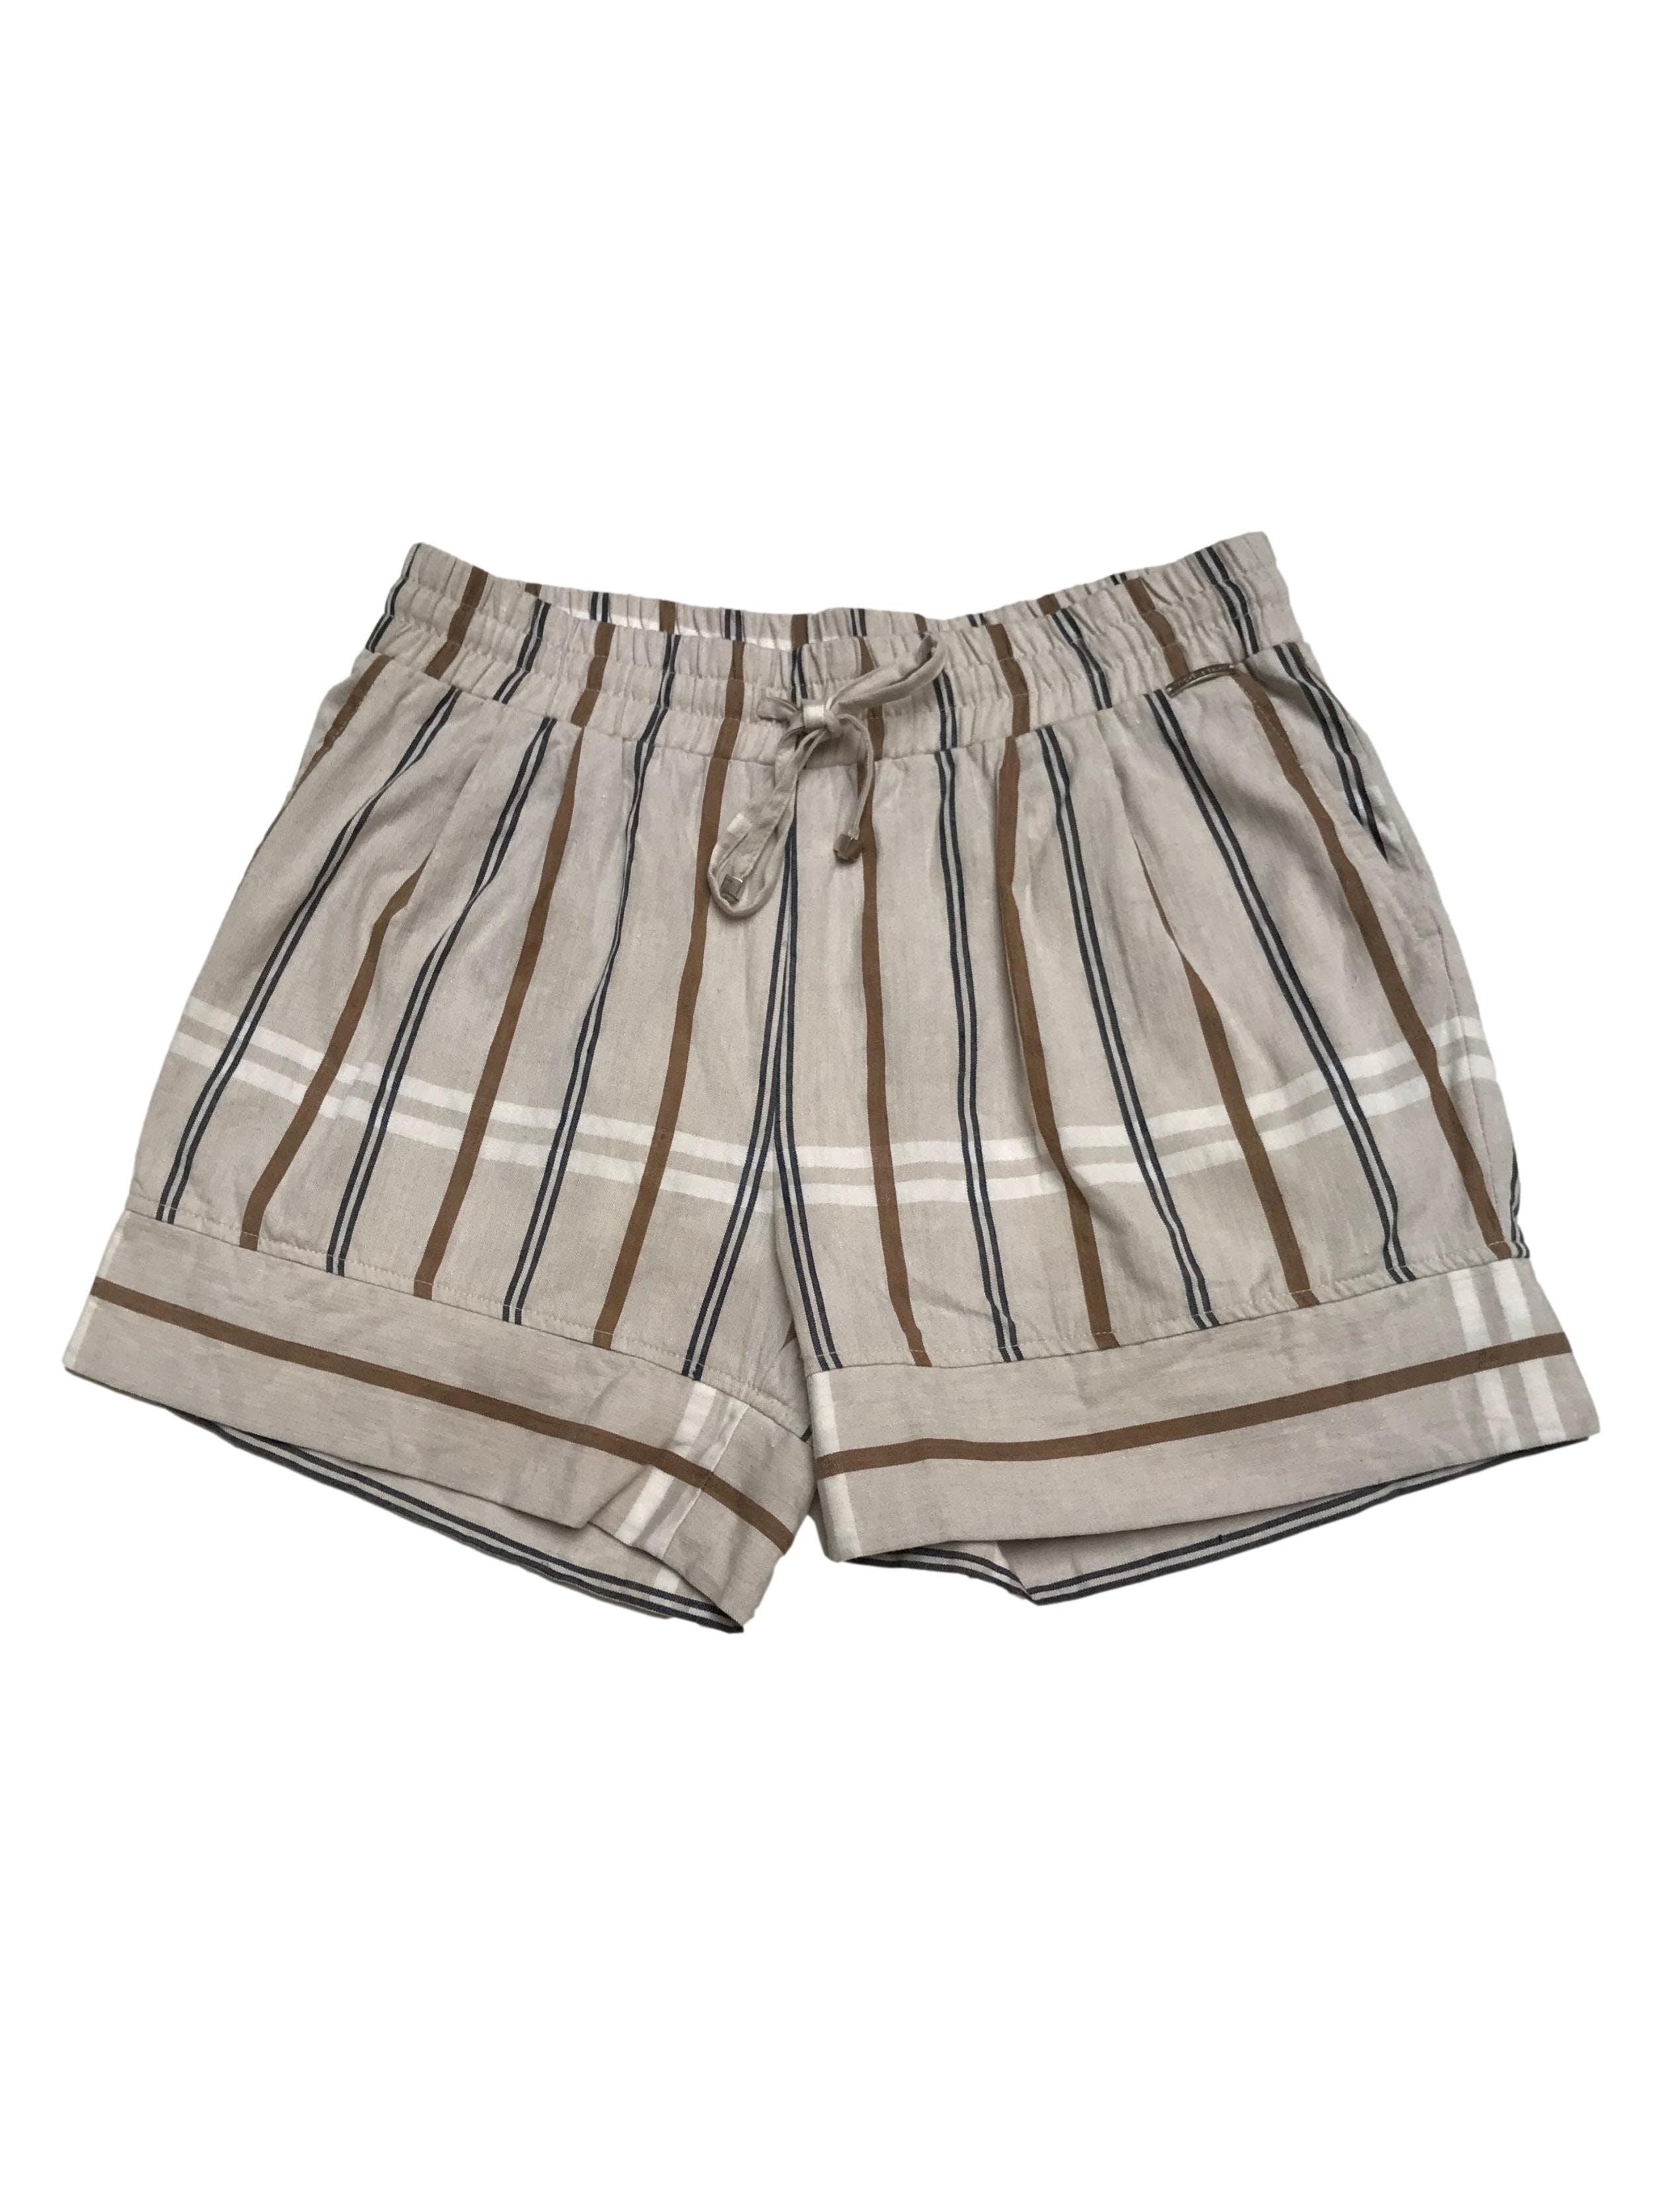 Short Michelle Belau crema con líneas marrones y azules, 54% lino 46% algodón, elástico en la cintura con pasador. Precio original S/ 170